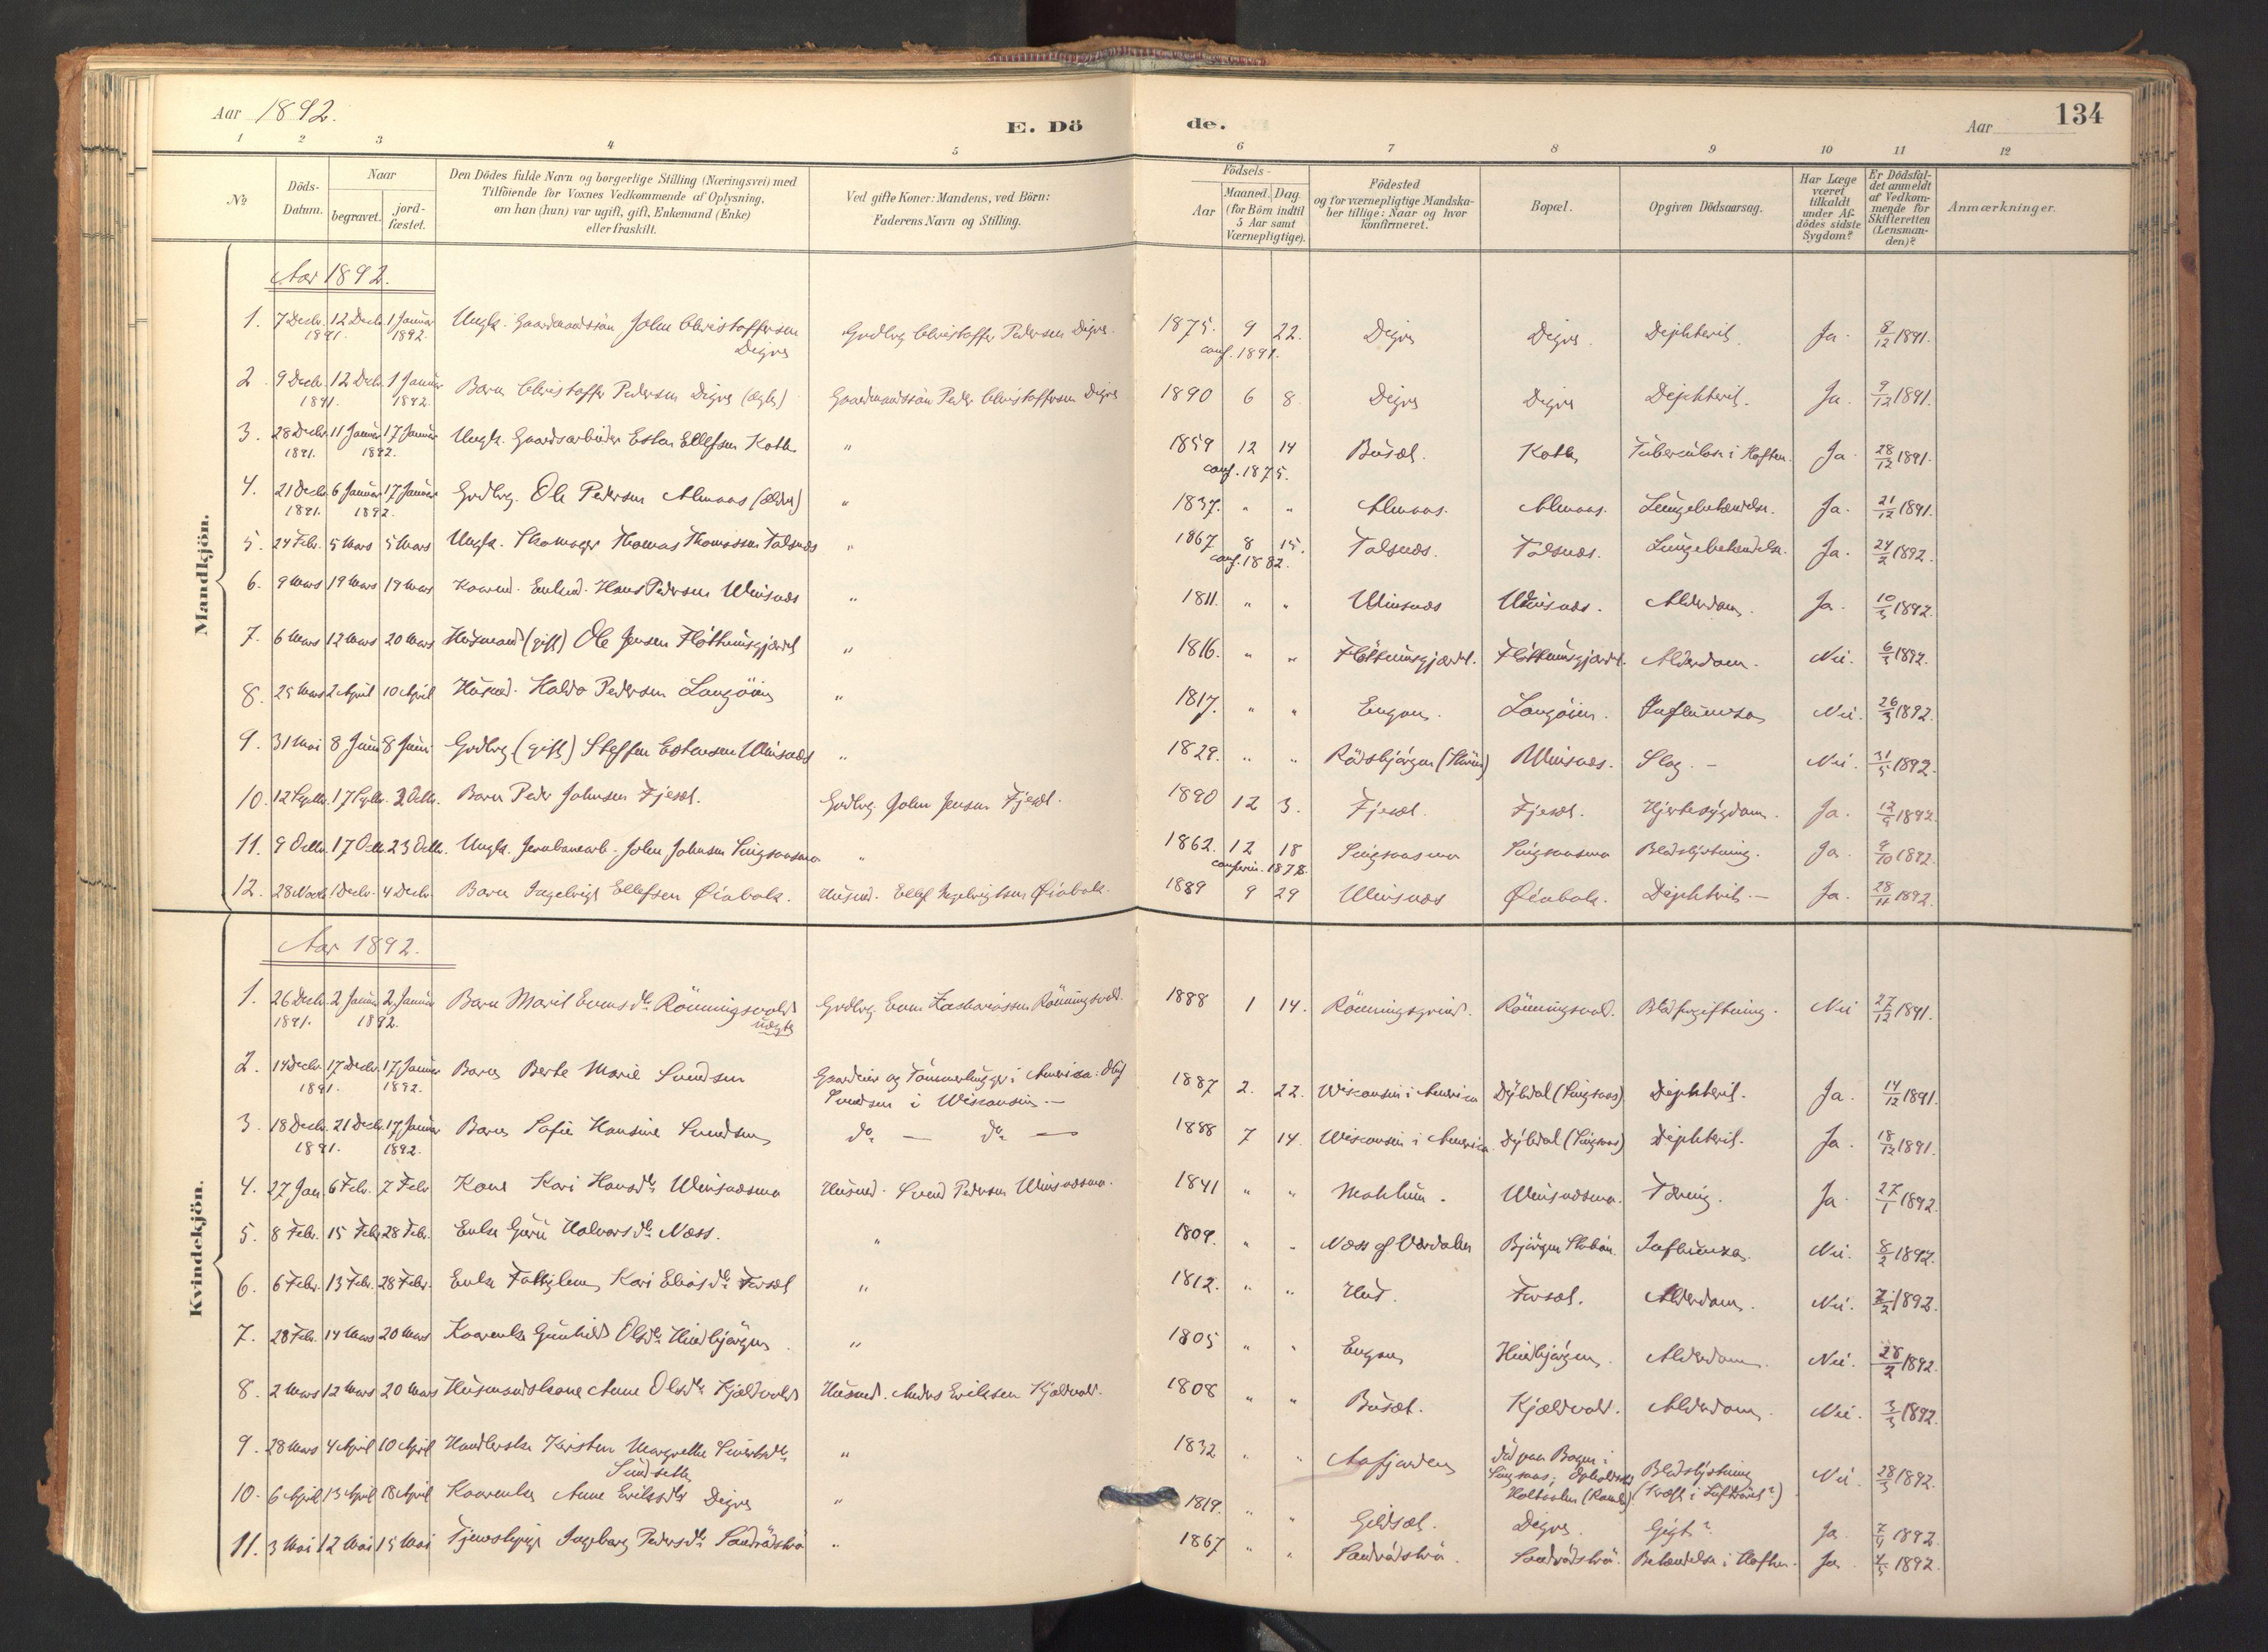 SAT, Ministerialprotokoller, klokkerbøker og fødselsregistre - Sør-Trøndelag, 688/L1025: Ministerialbok nr. 688A02, 1891-1909, s. 134